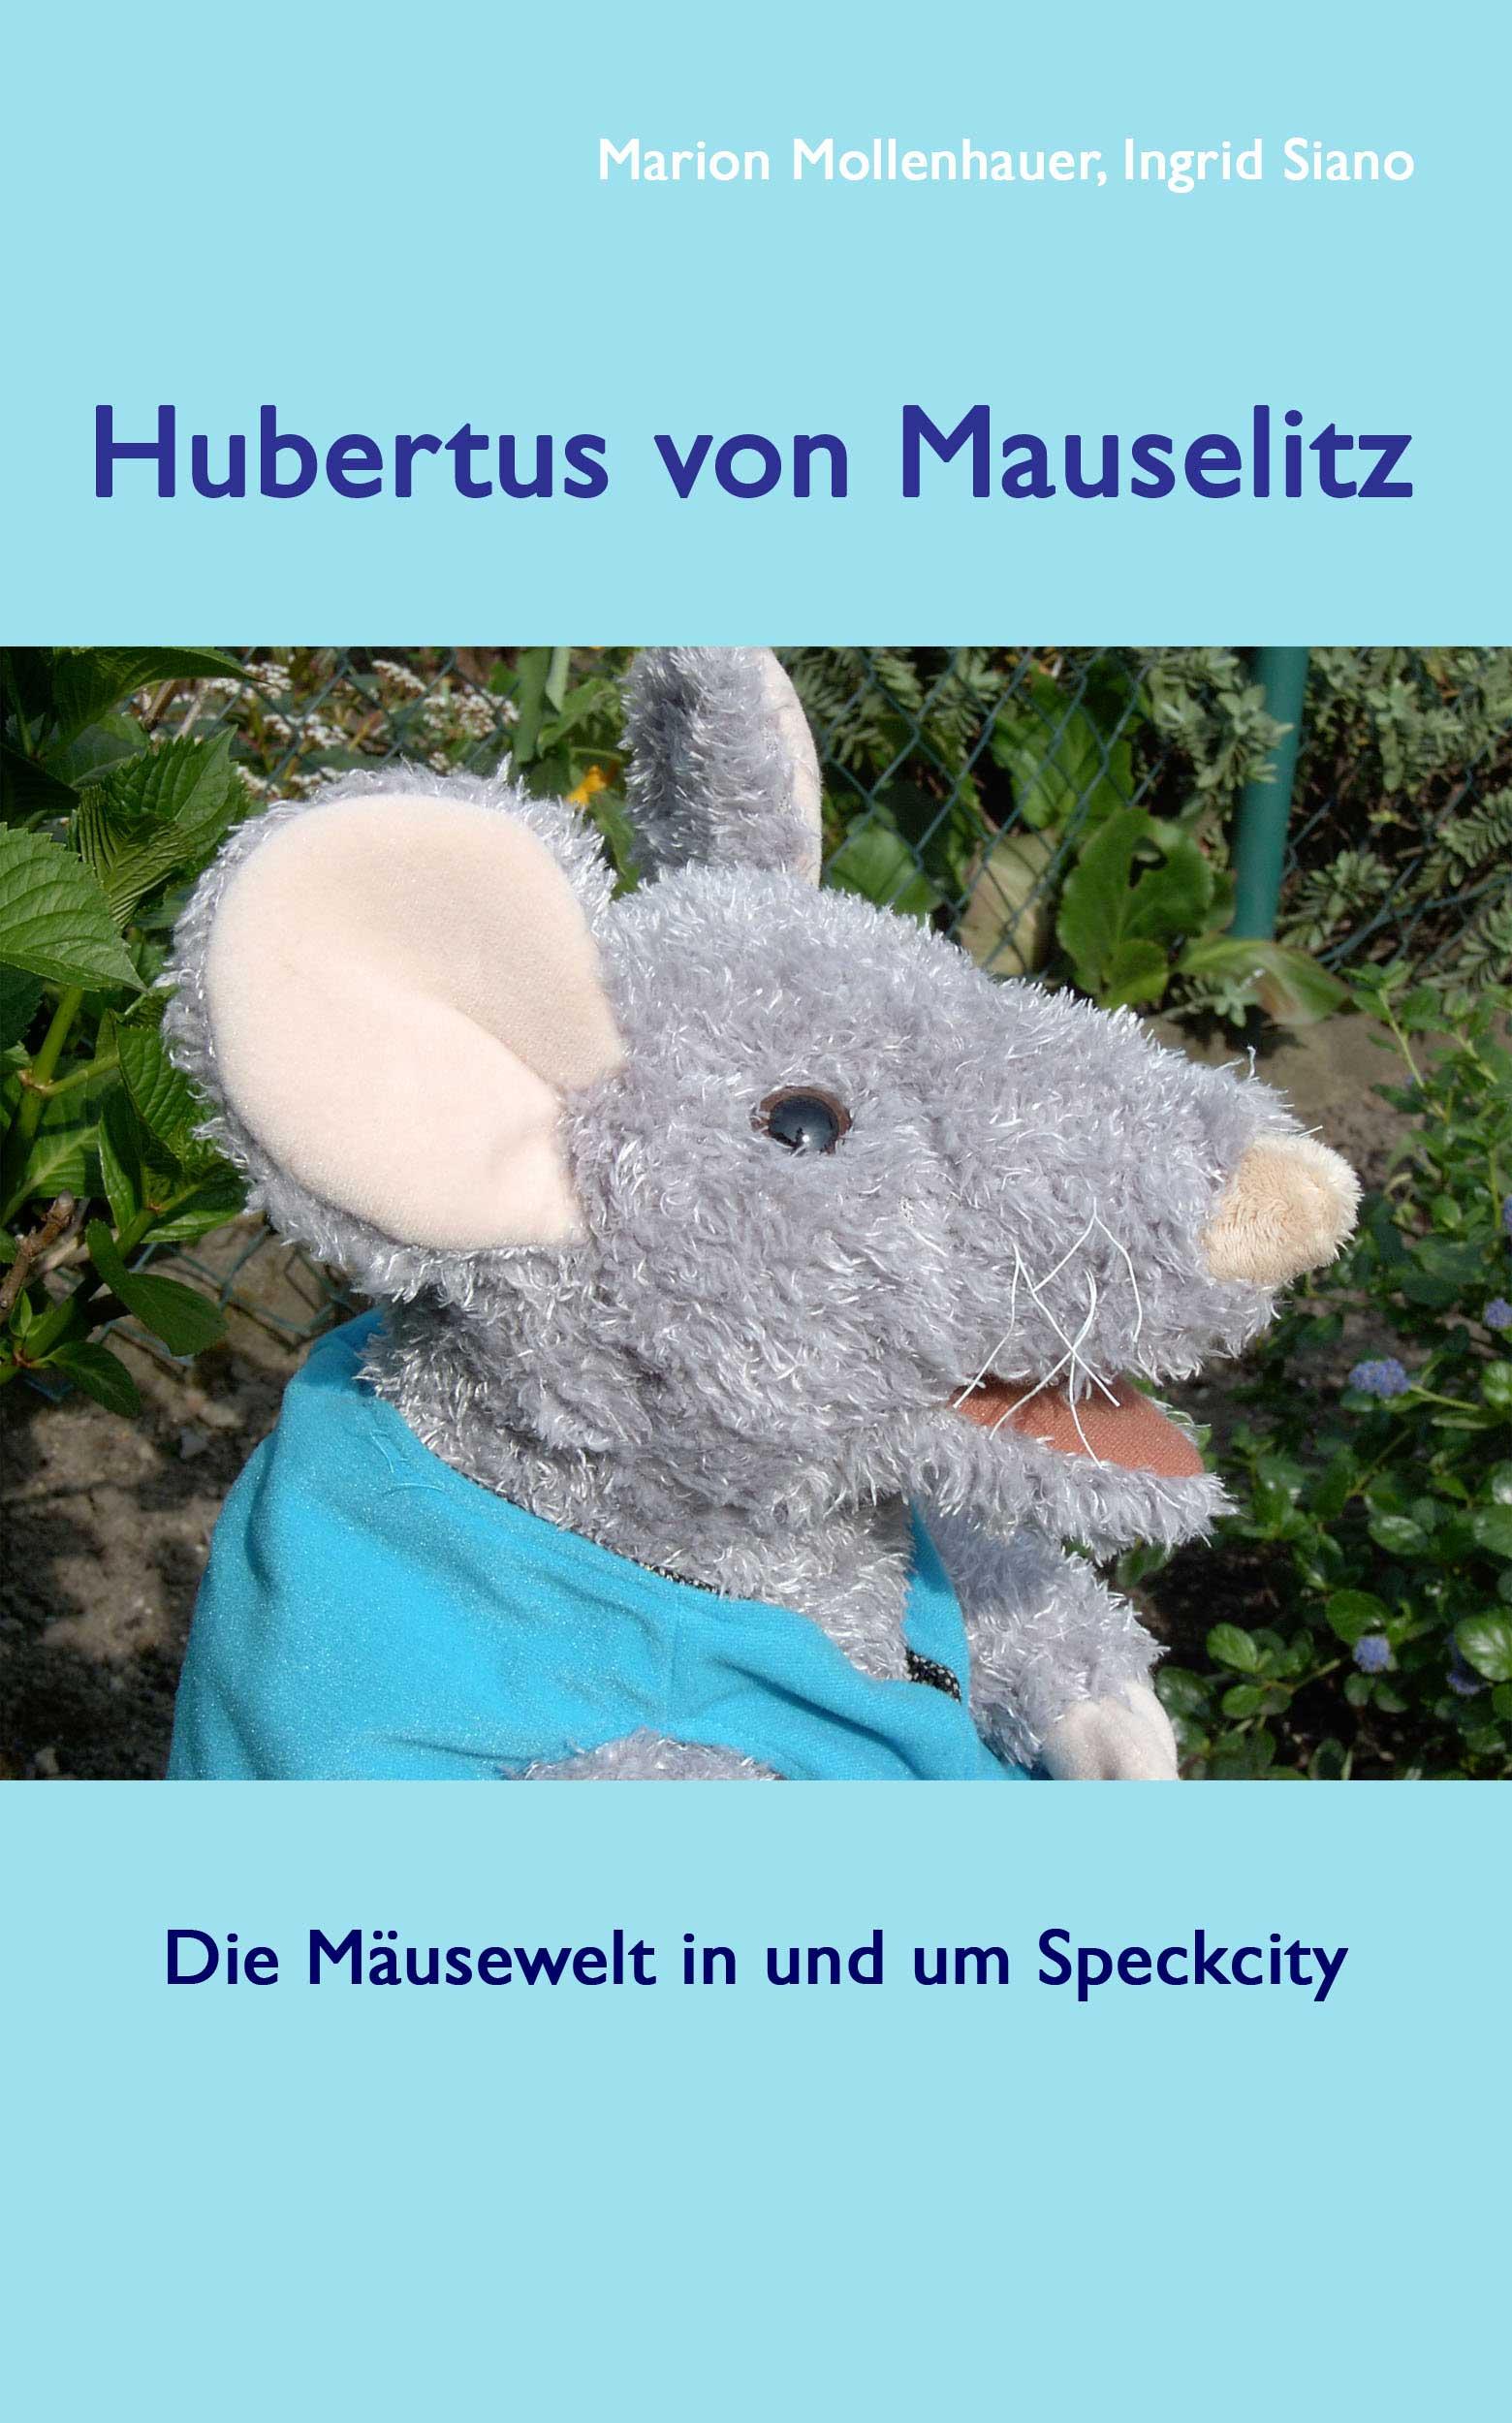 Hubertus von Mauselitz